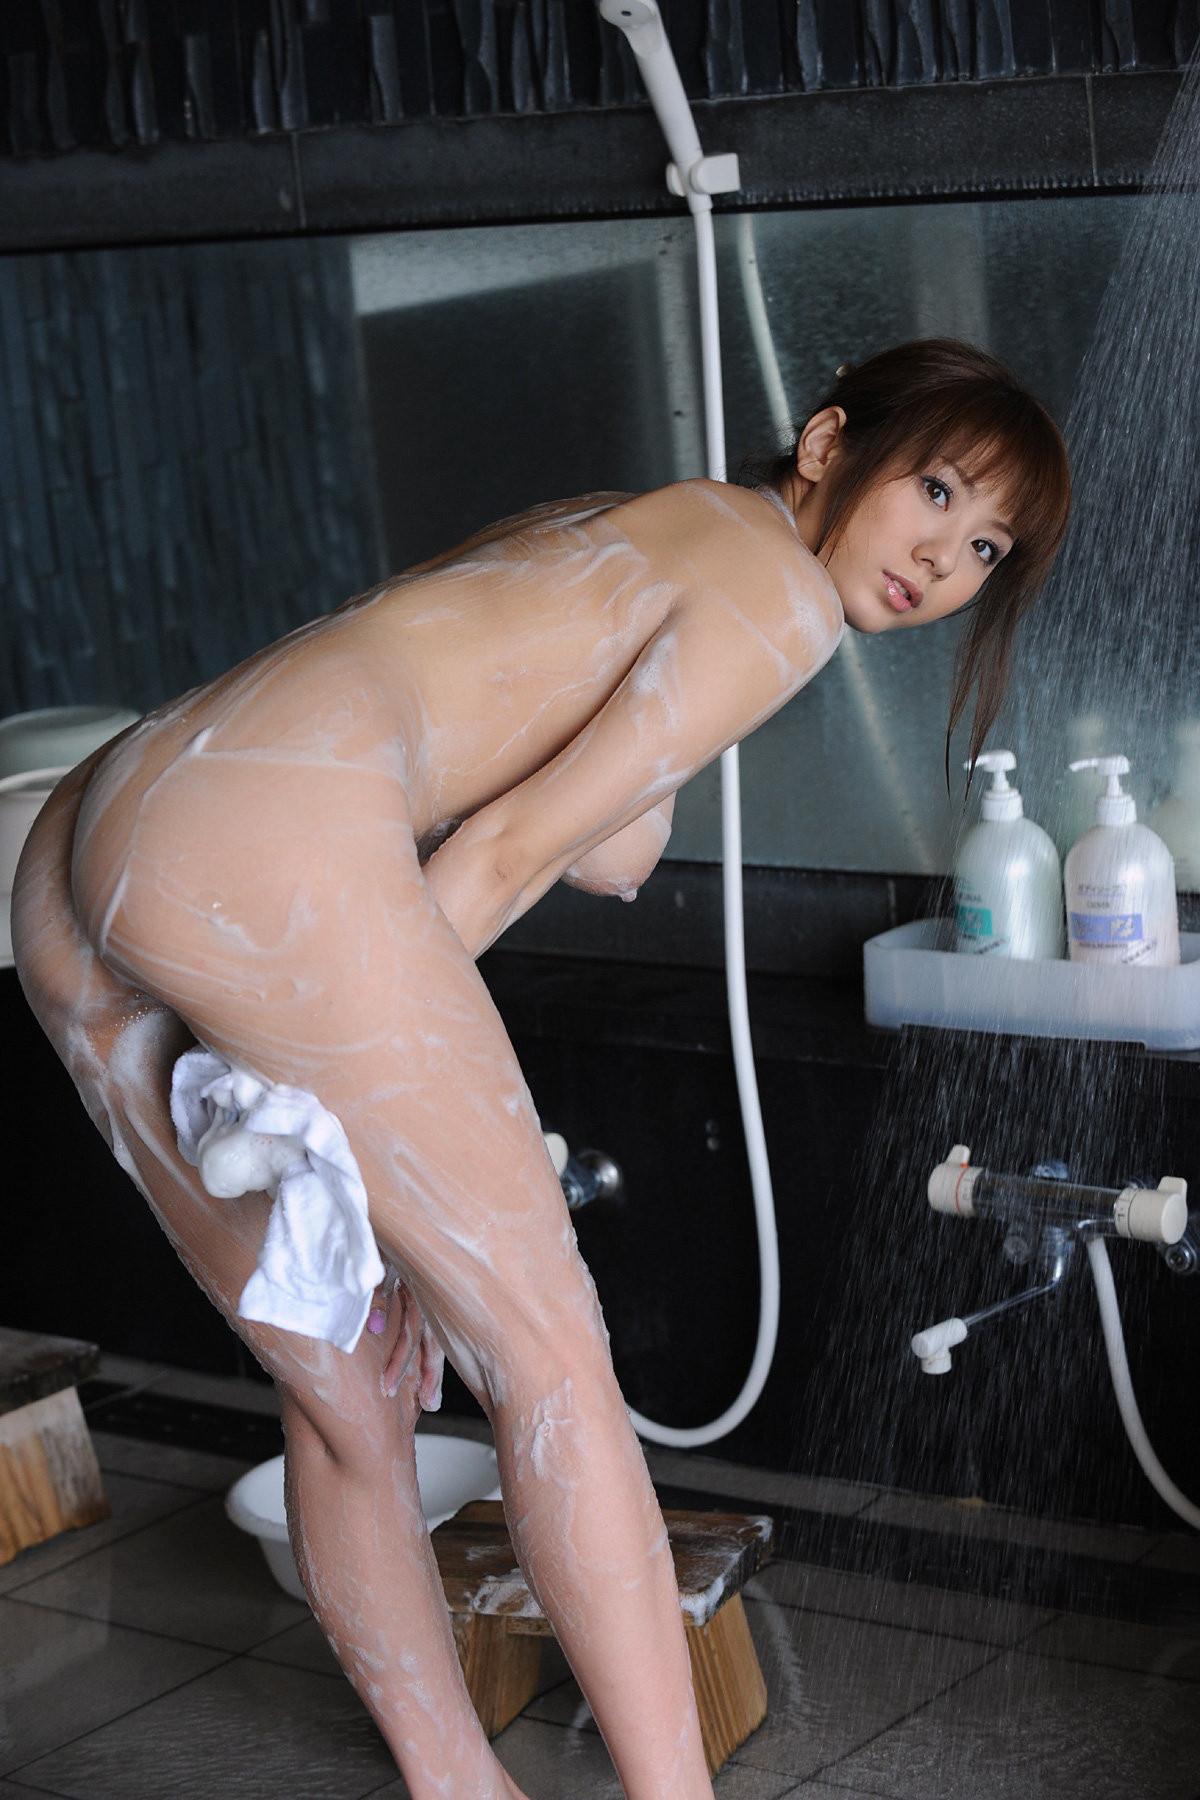 【入浴中な画像】画面に息吹いたら負けwww泡まみれな女体のギャラリー 14